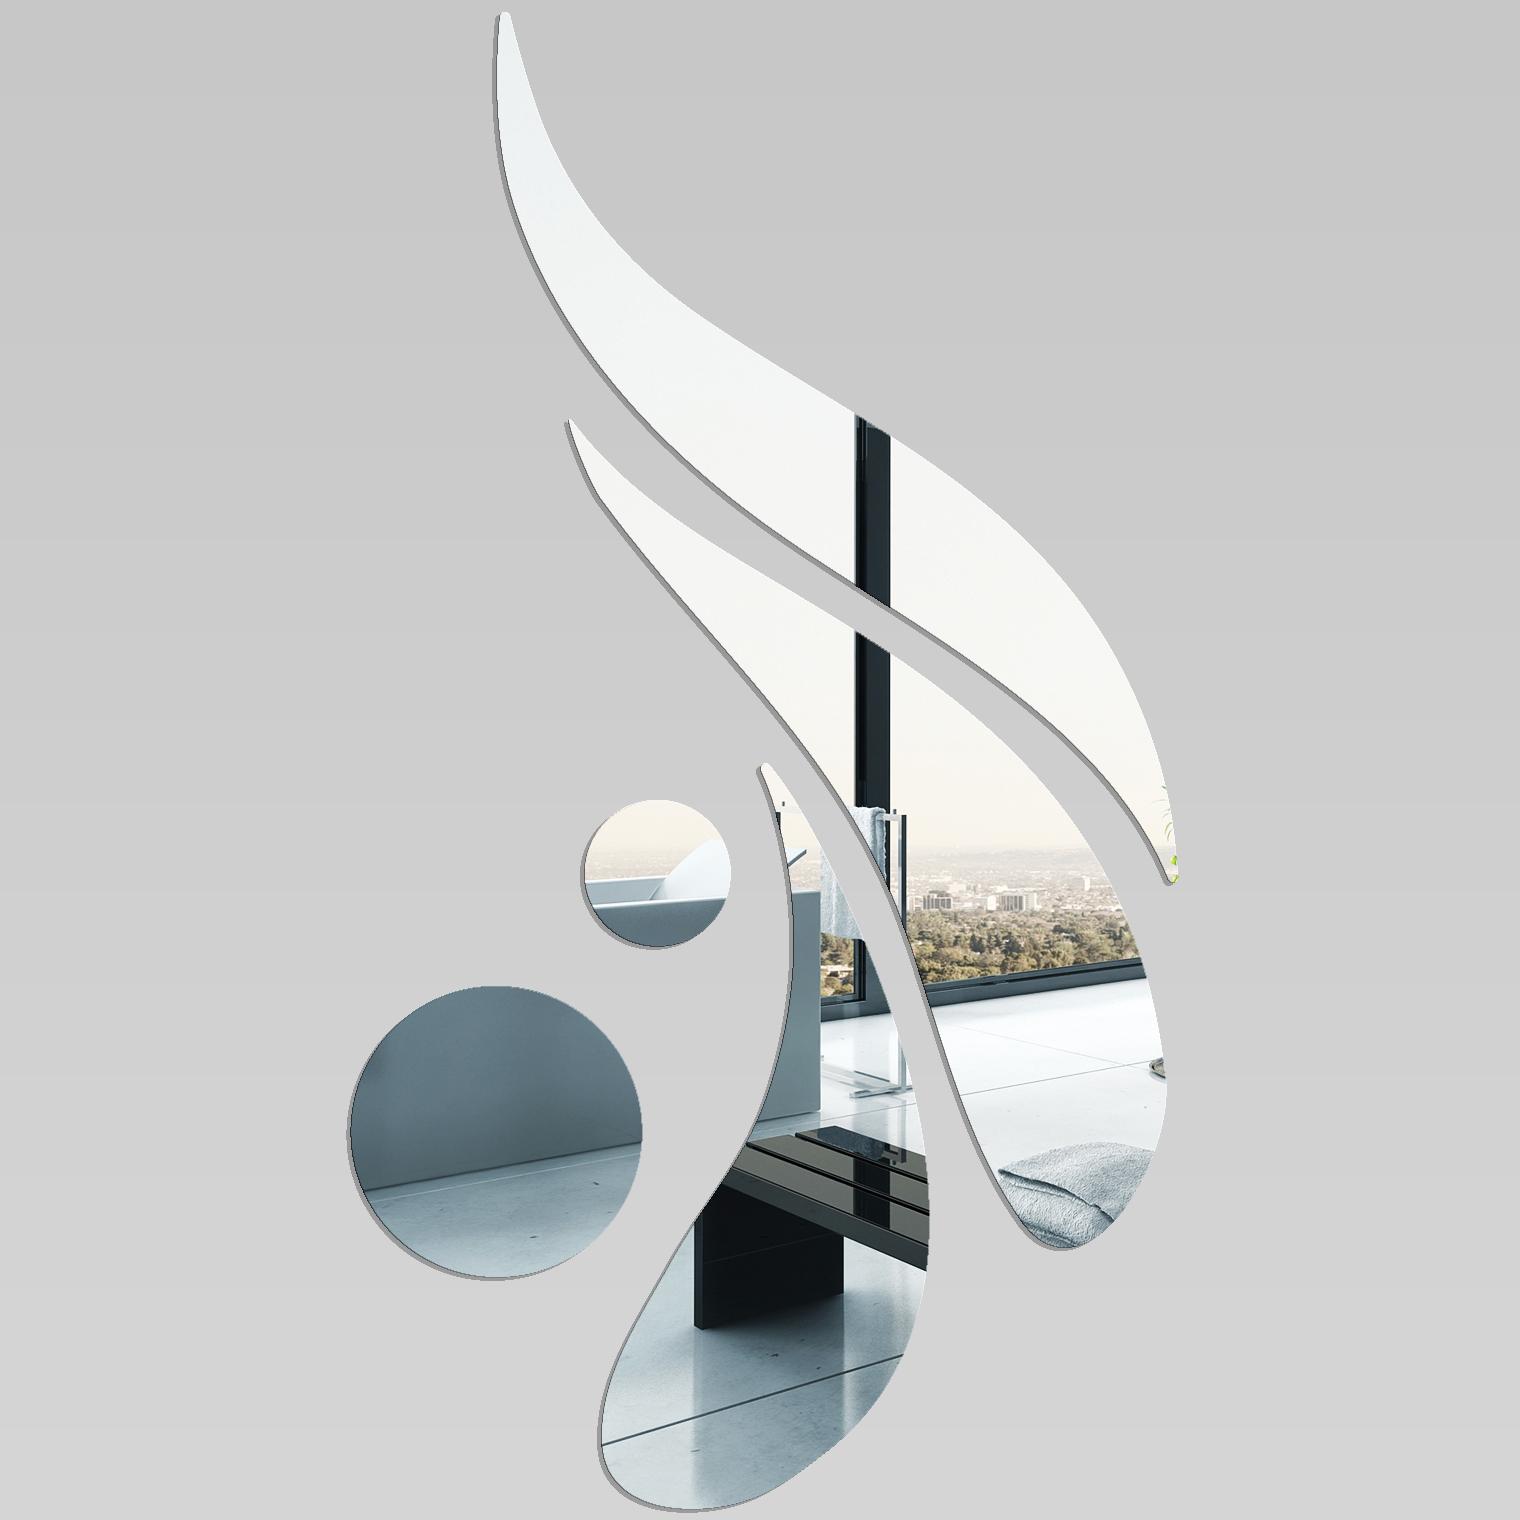 Miroir plexiglass acrylique design 4 pas cher for Miroir en acrylique